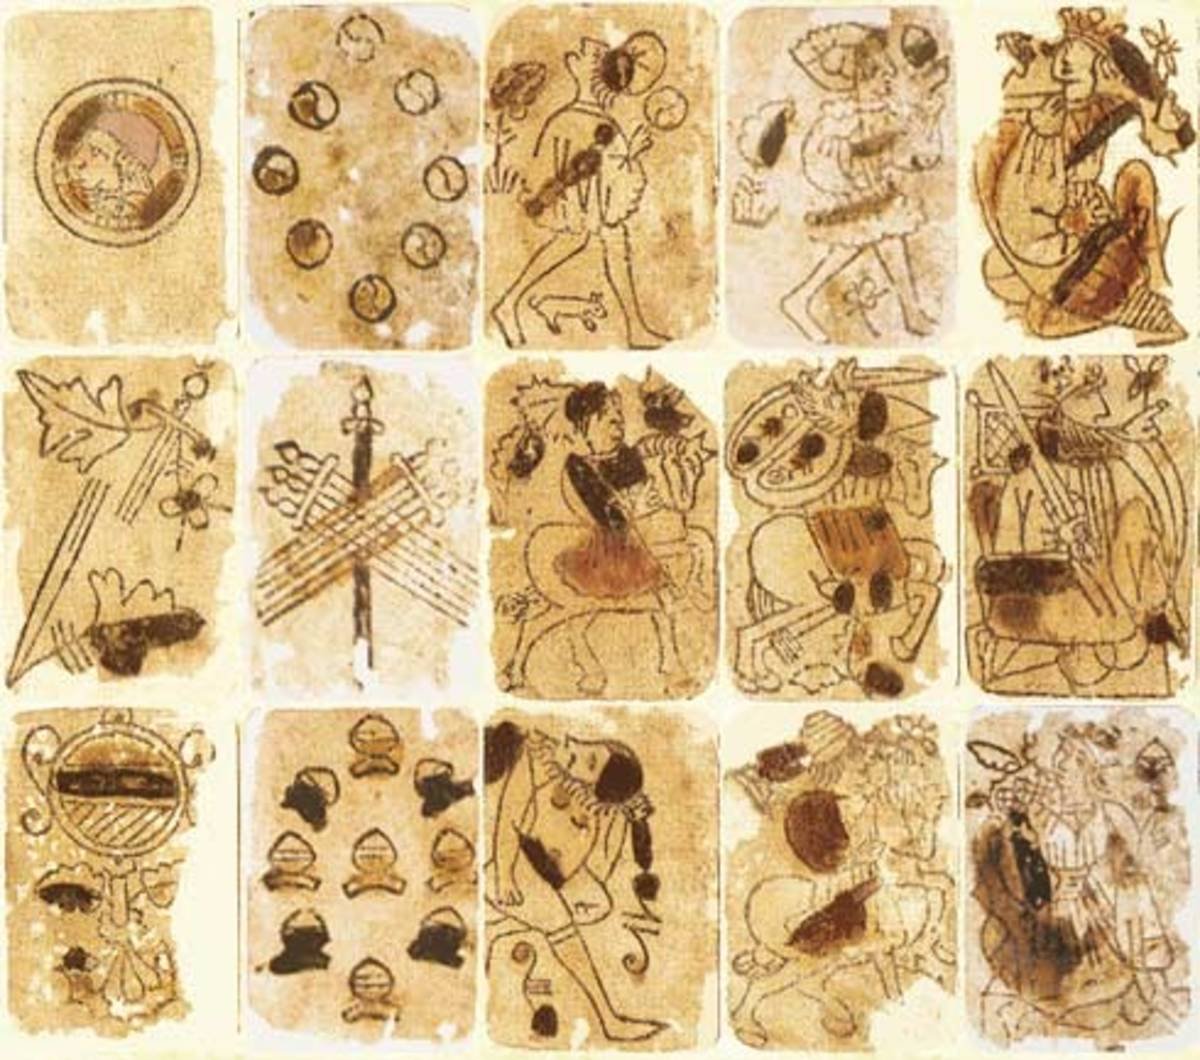 Woodcuts/ Engravings